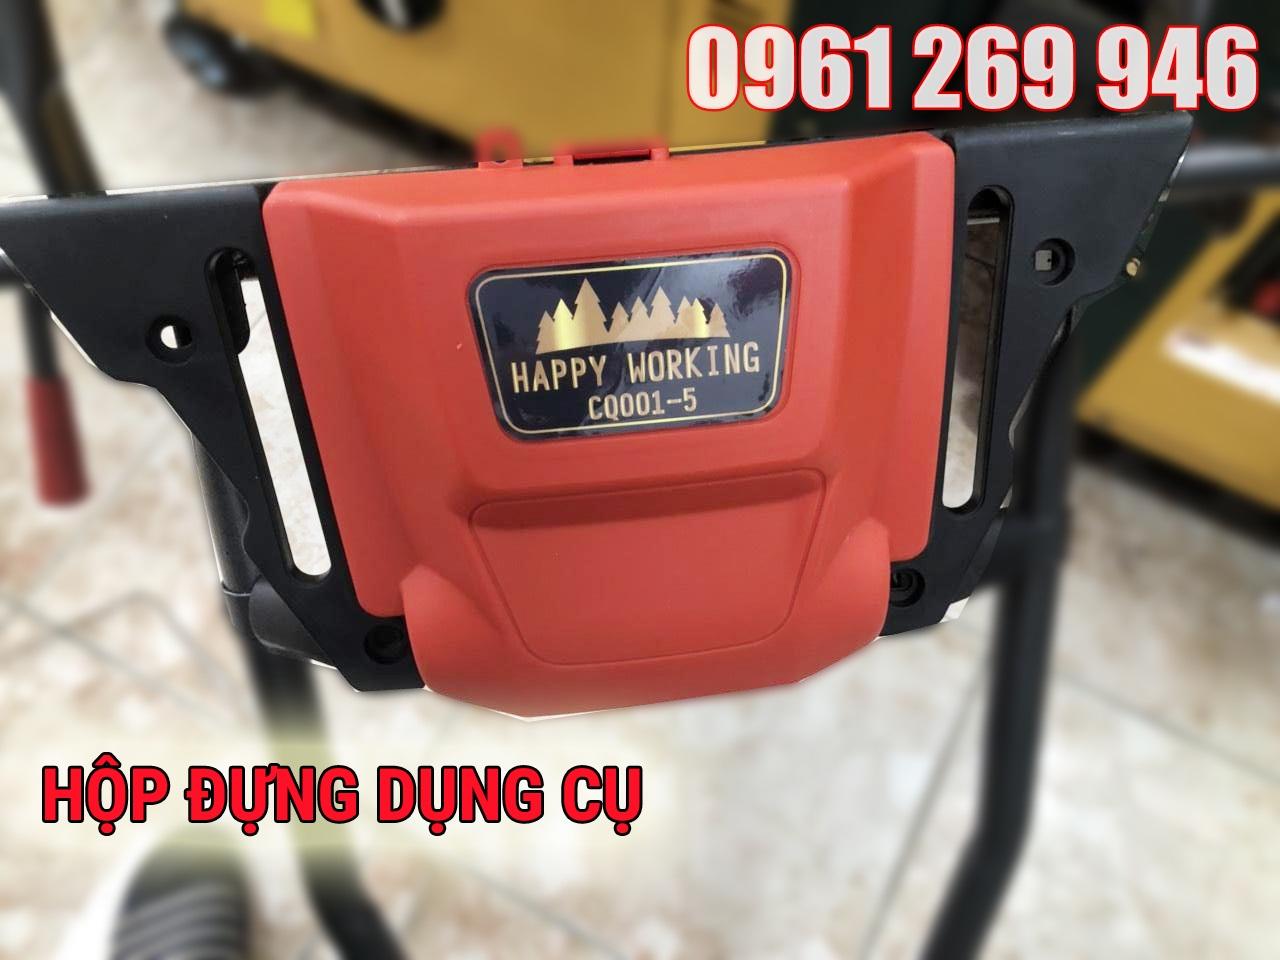 hop-dung-cu-jpg.49852